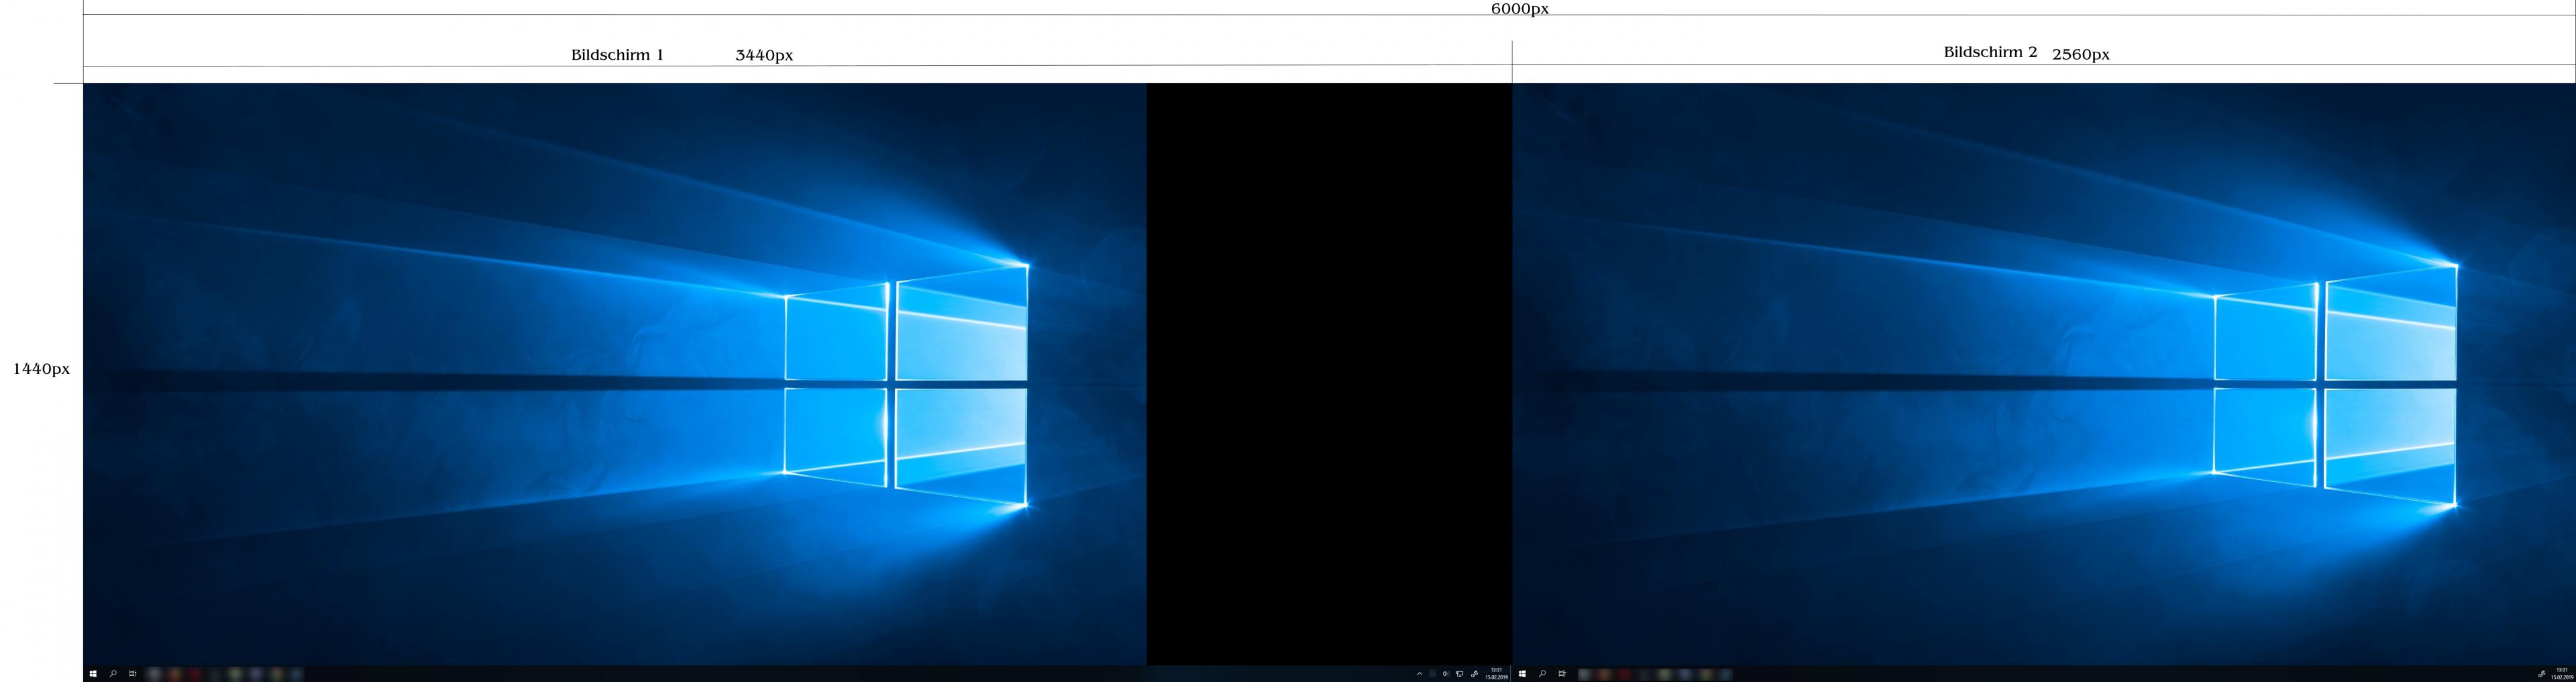 2 bildschirme windows 7 verschiedene hintergründe